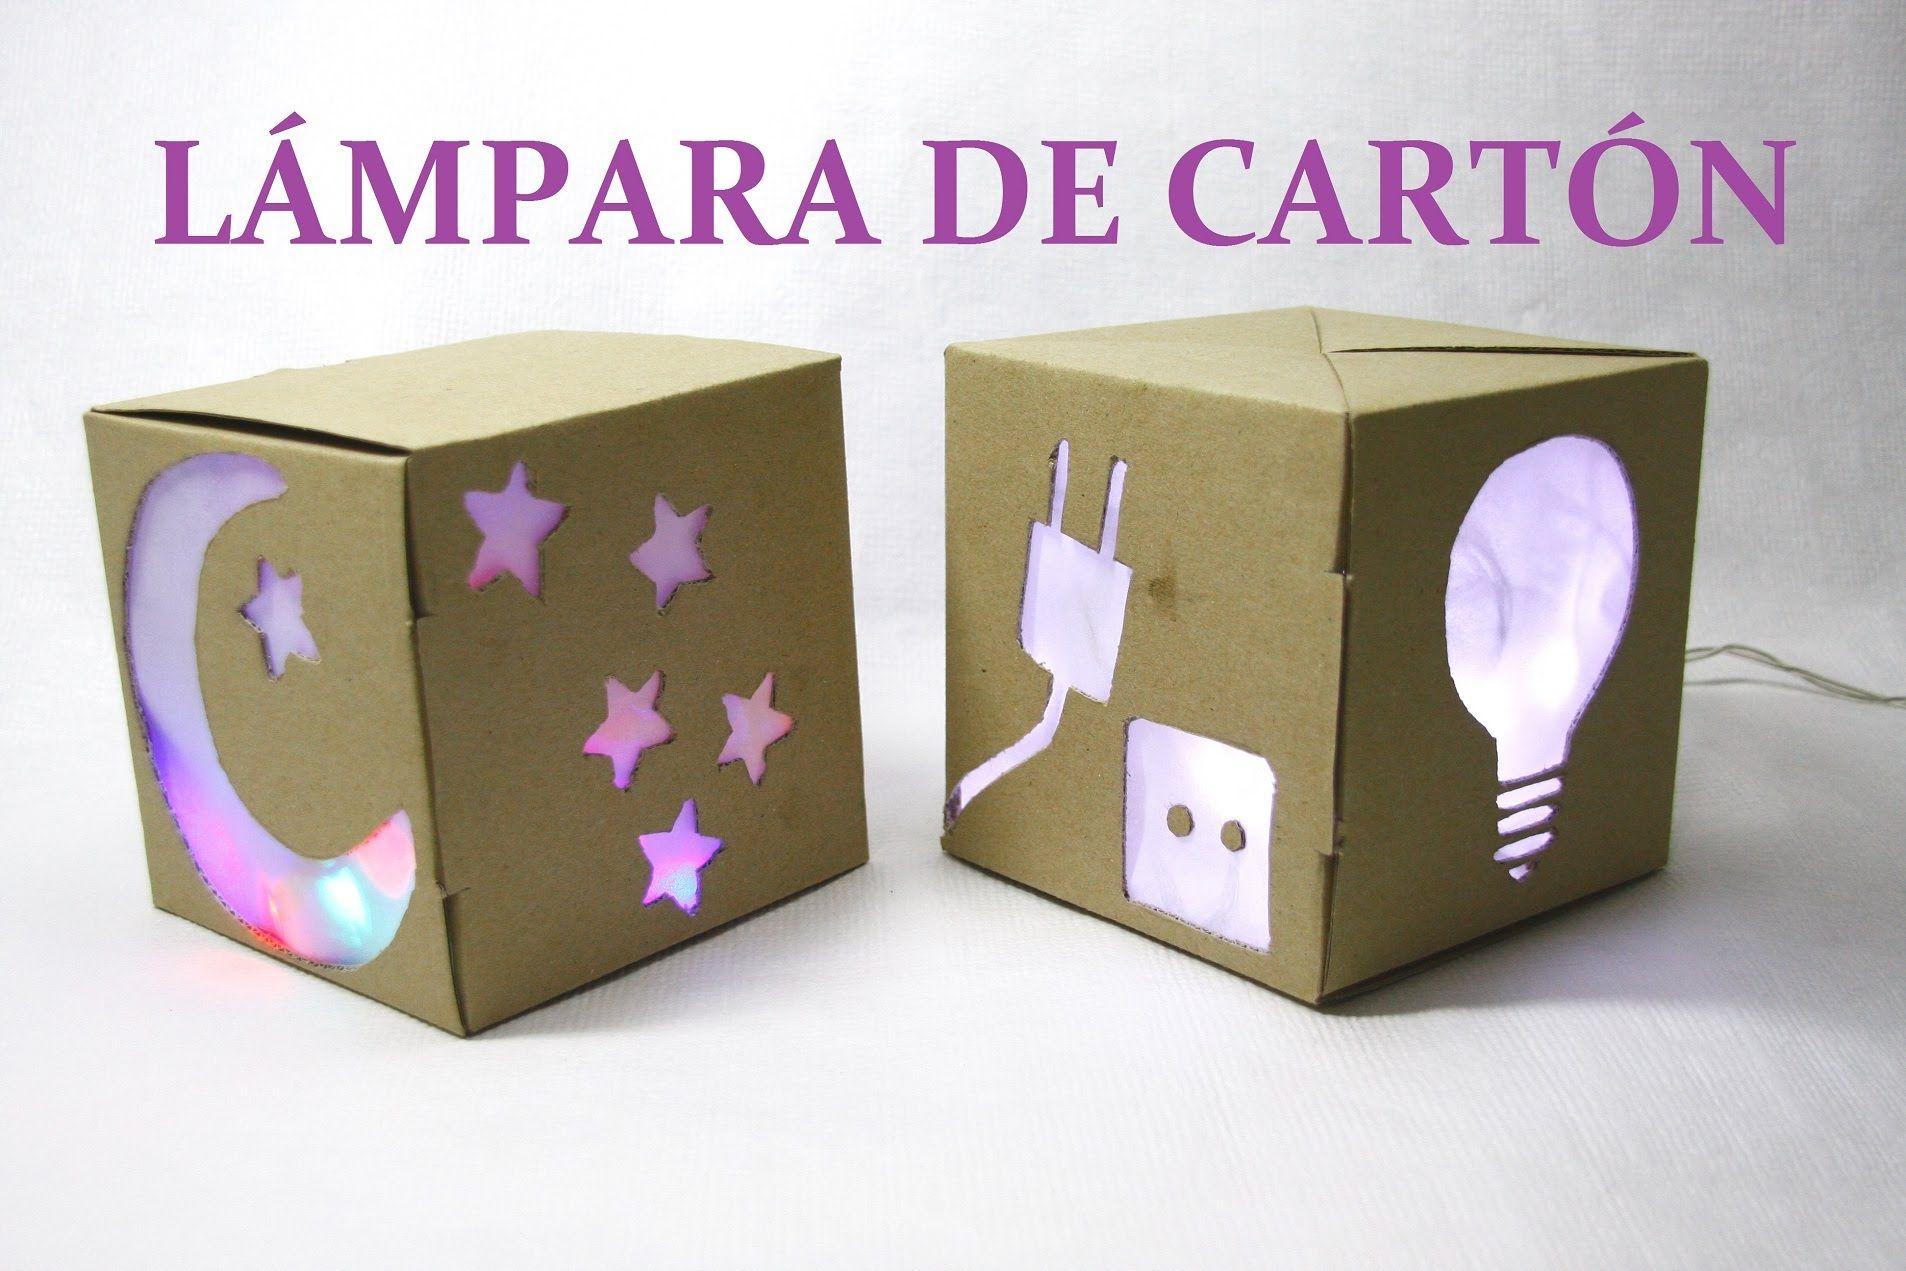 Diy l mpara con caja de de cart n diy lamp with cardboard - Manualidades con cajas ...